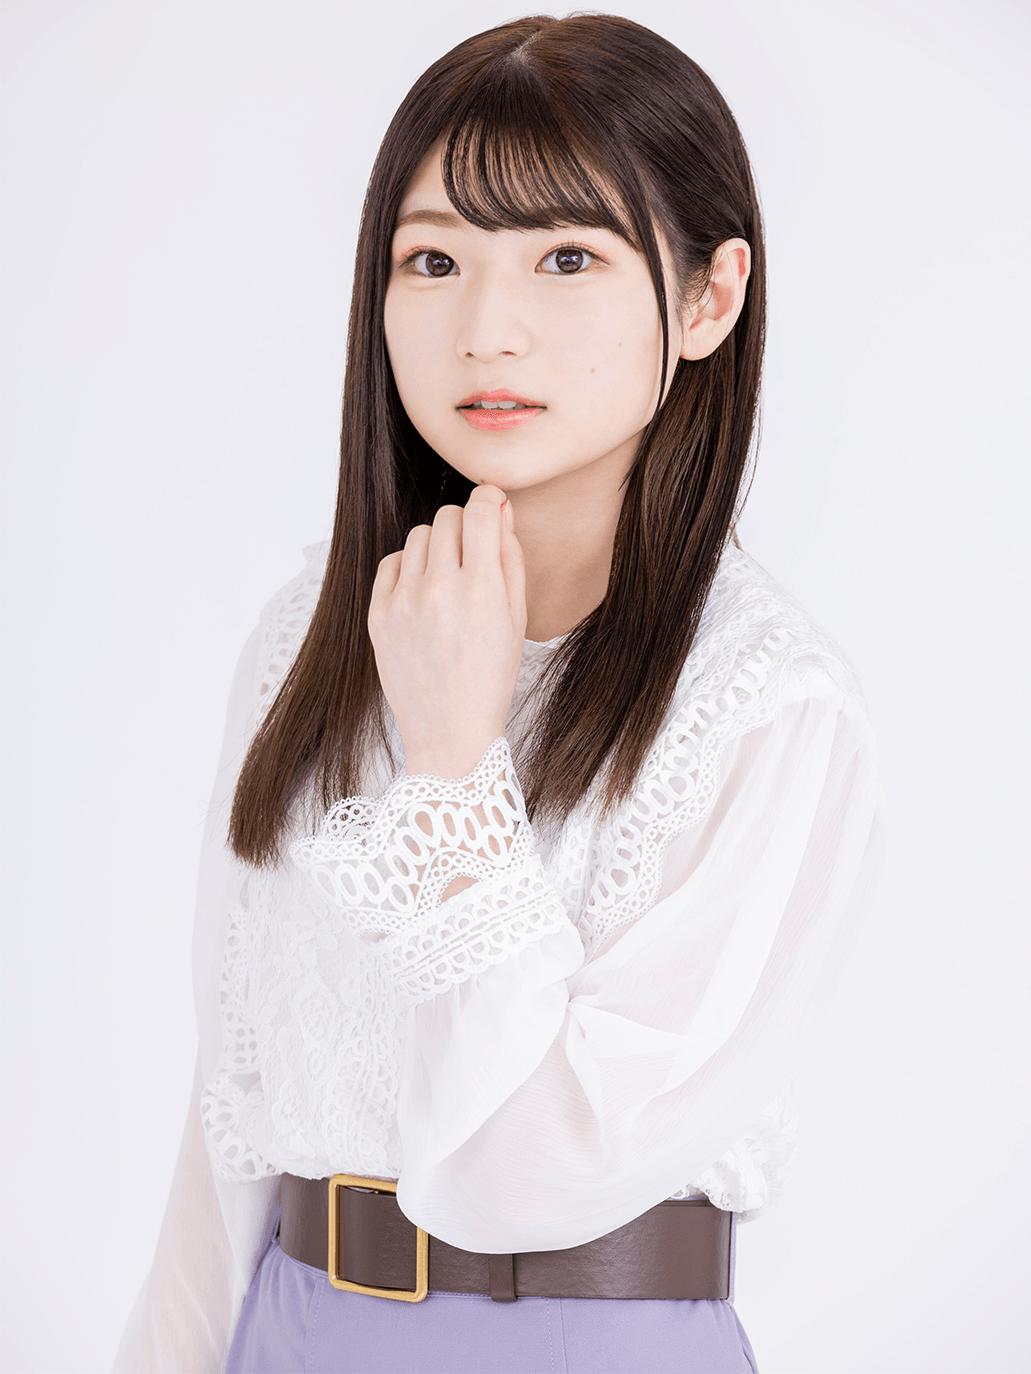 Hina Aoki